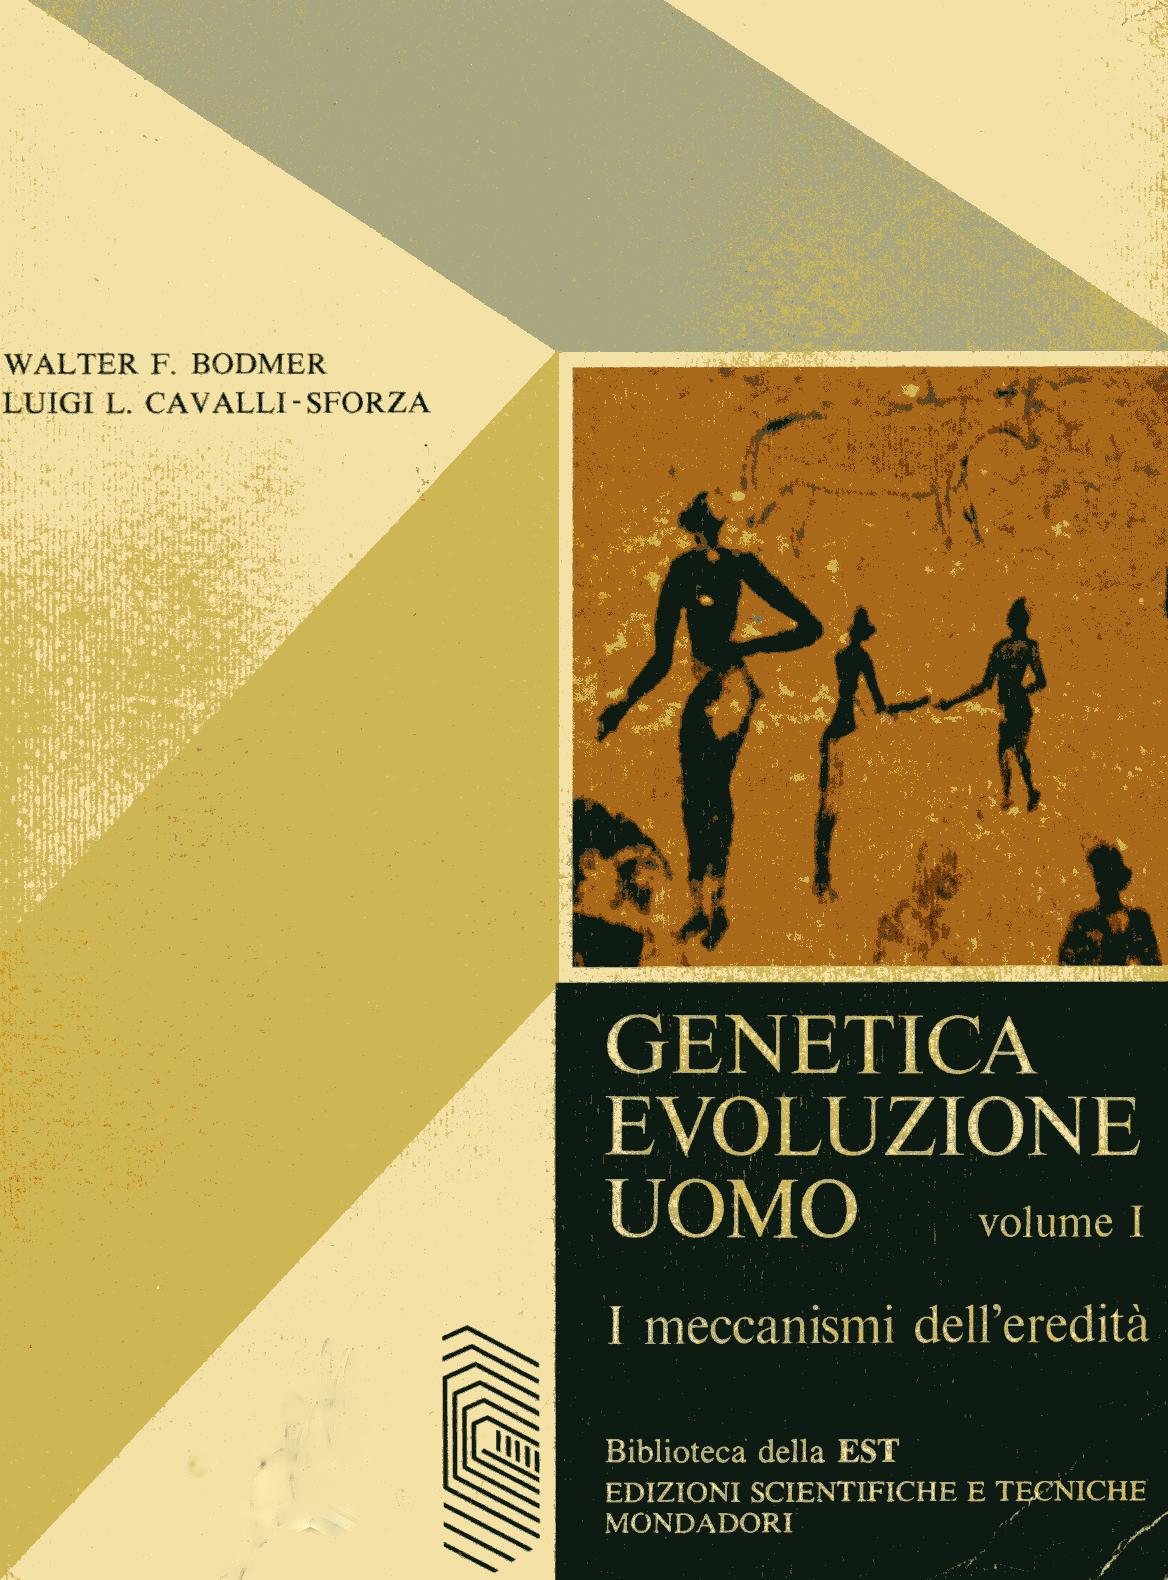 Genetica, evoluzione, uomo vol. I